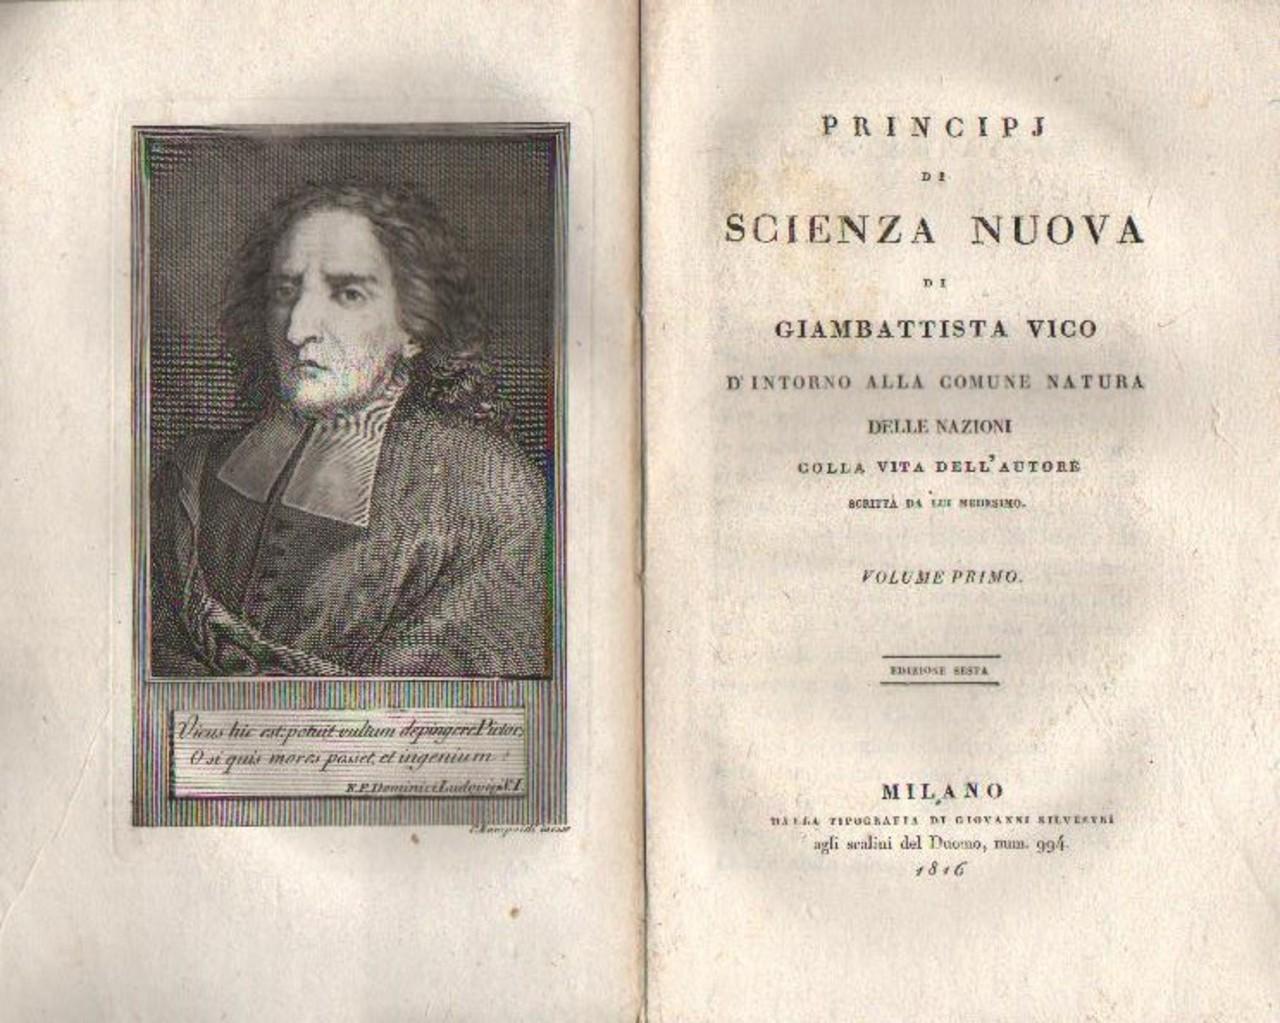 Scienza Nuova, Giambattista Vico